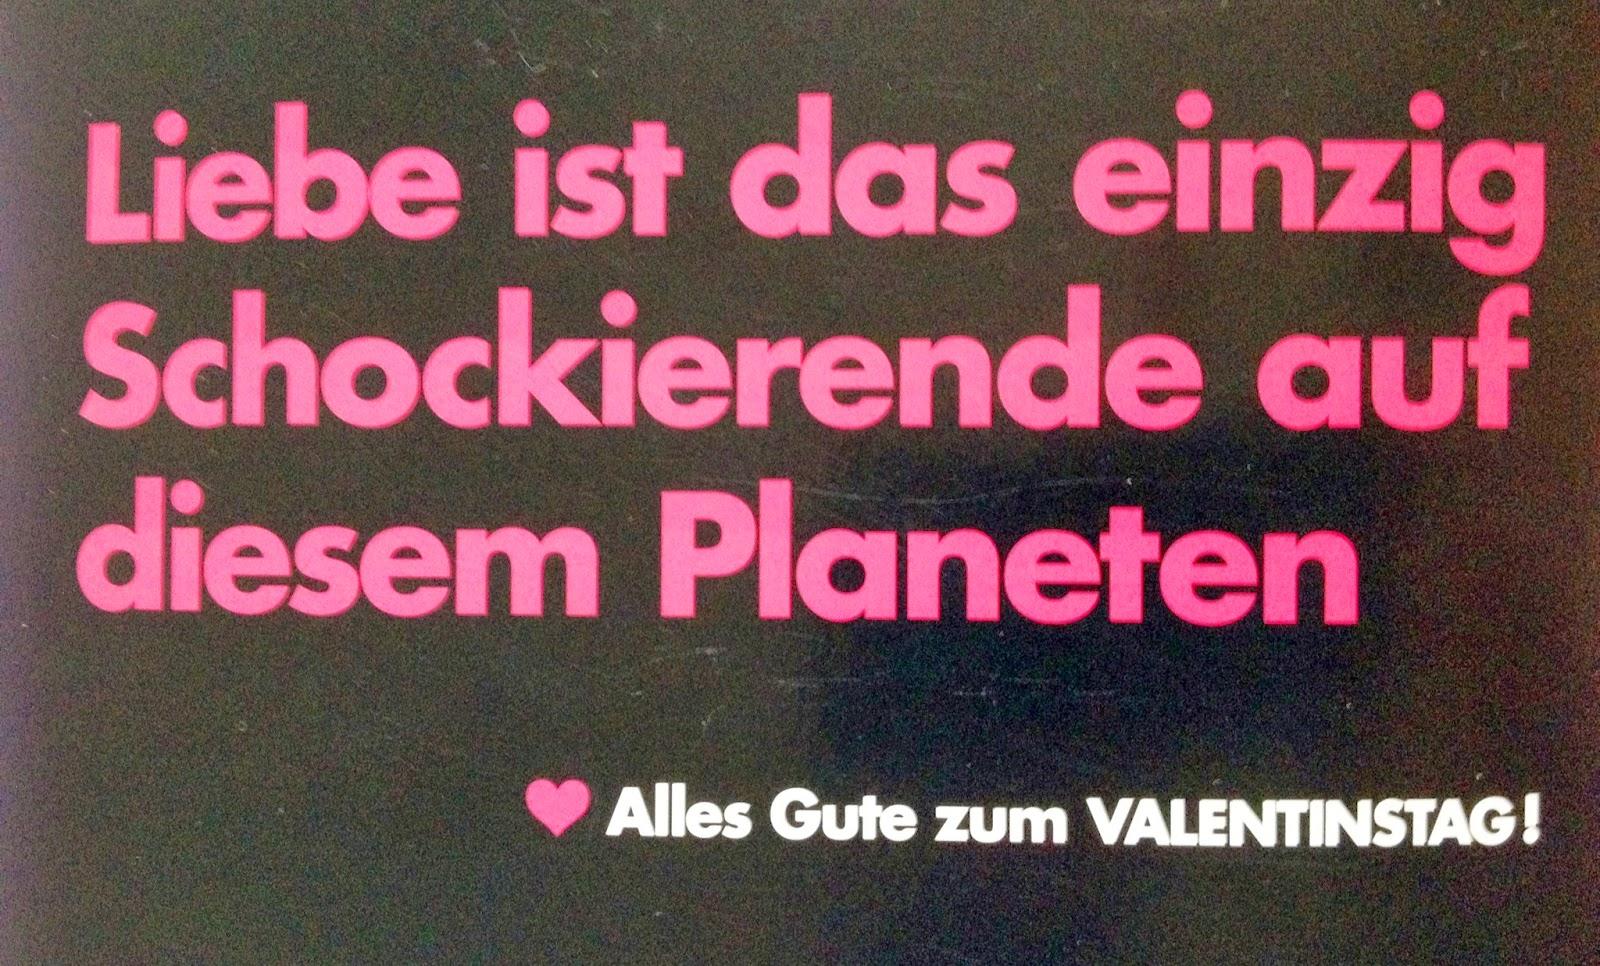 Noch Ist Zeit   Wer Lust Auf Eine Solche Party Hat, Einfach  Anti Valentine 2012  London Googeln Und Ab Nach London!